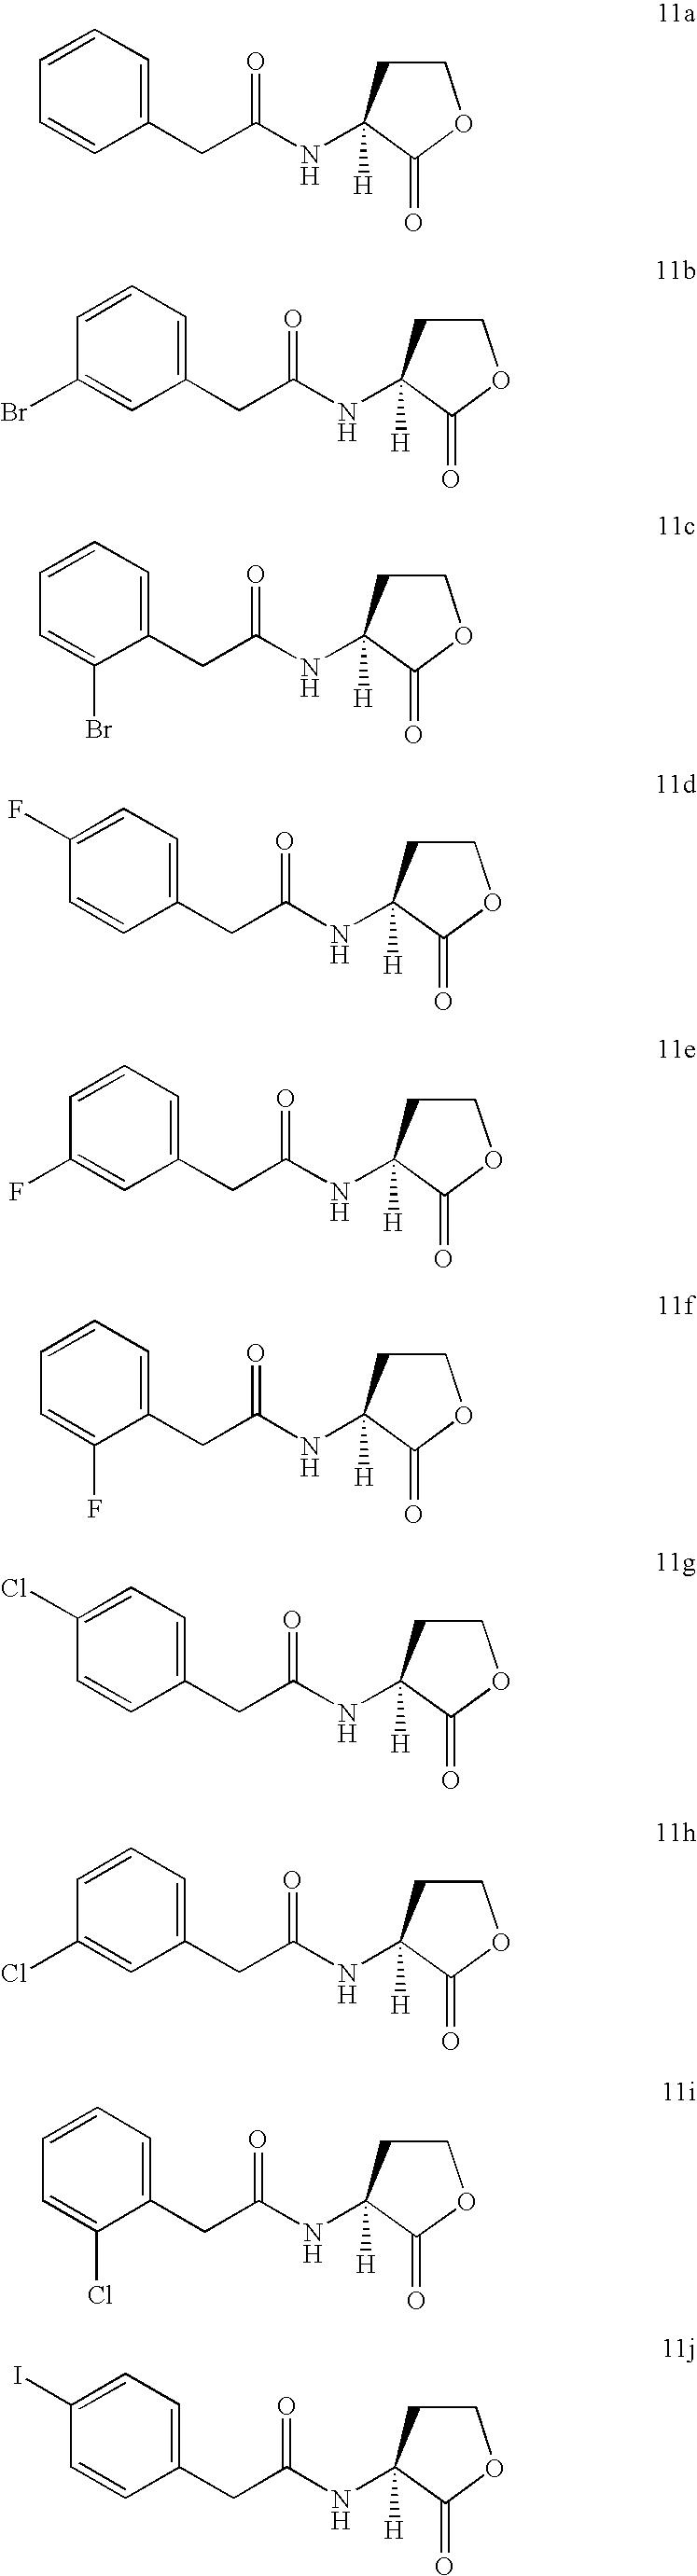 Figure US07910622-20110322-C00019